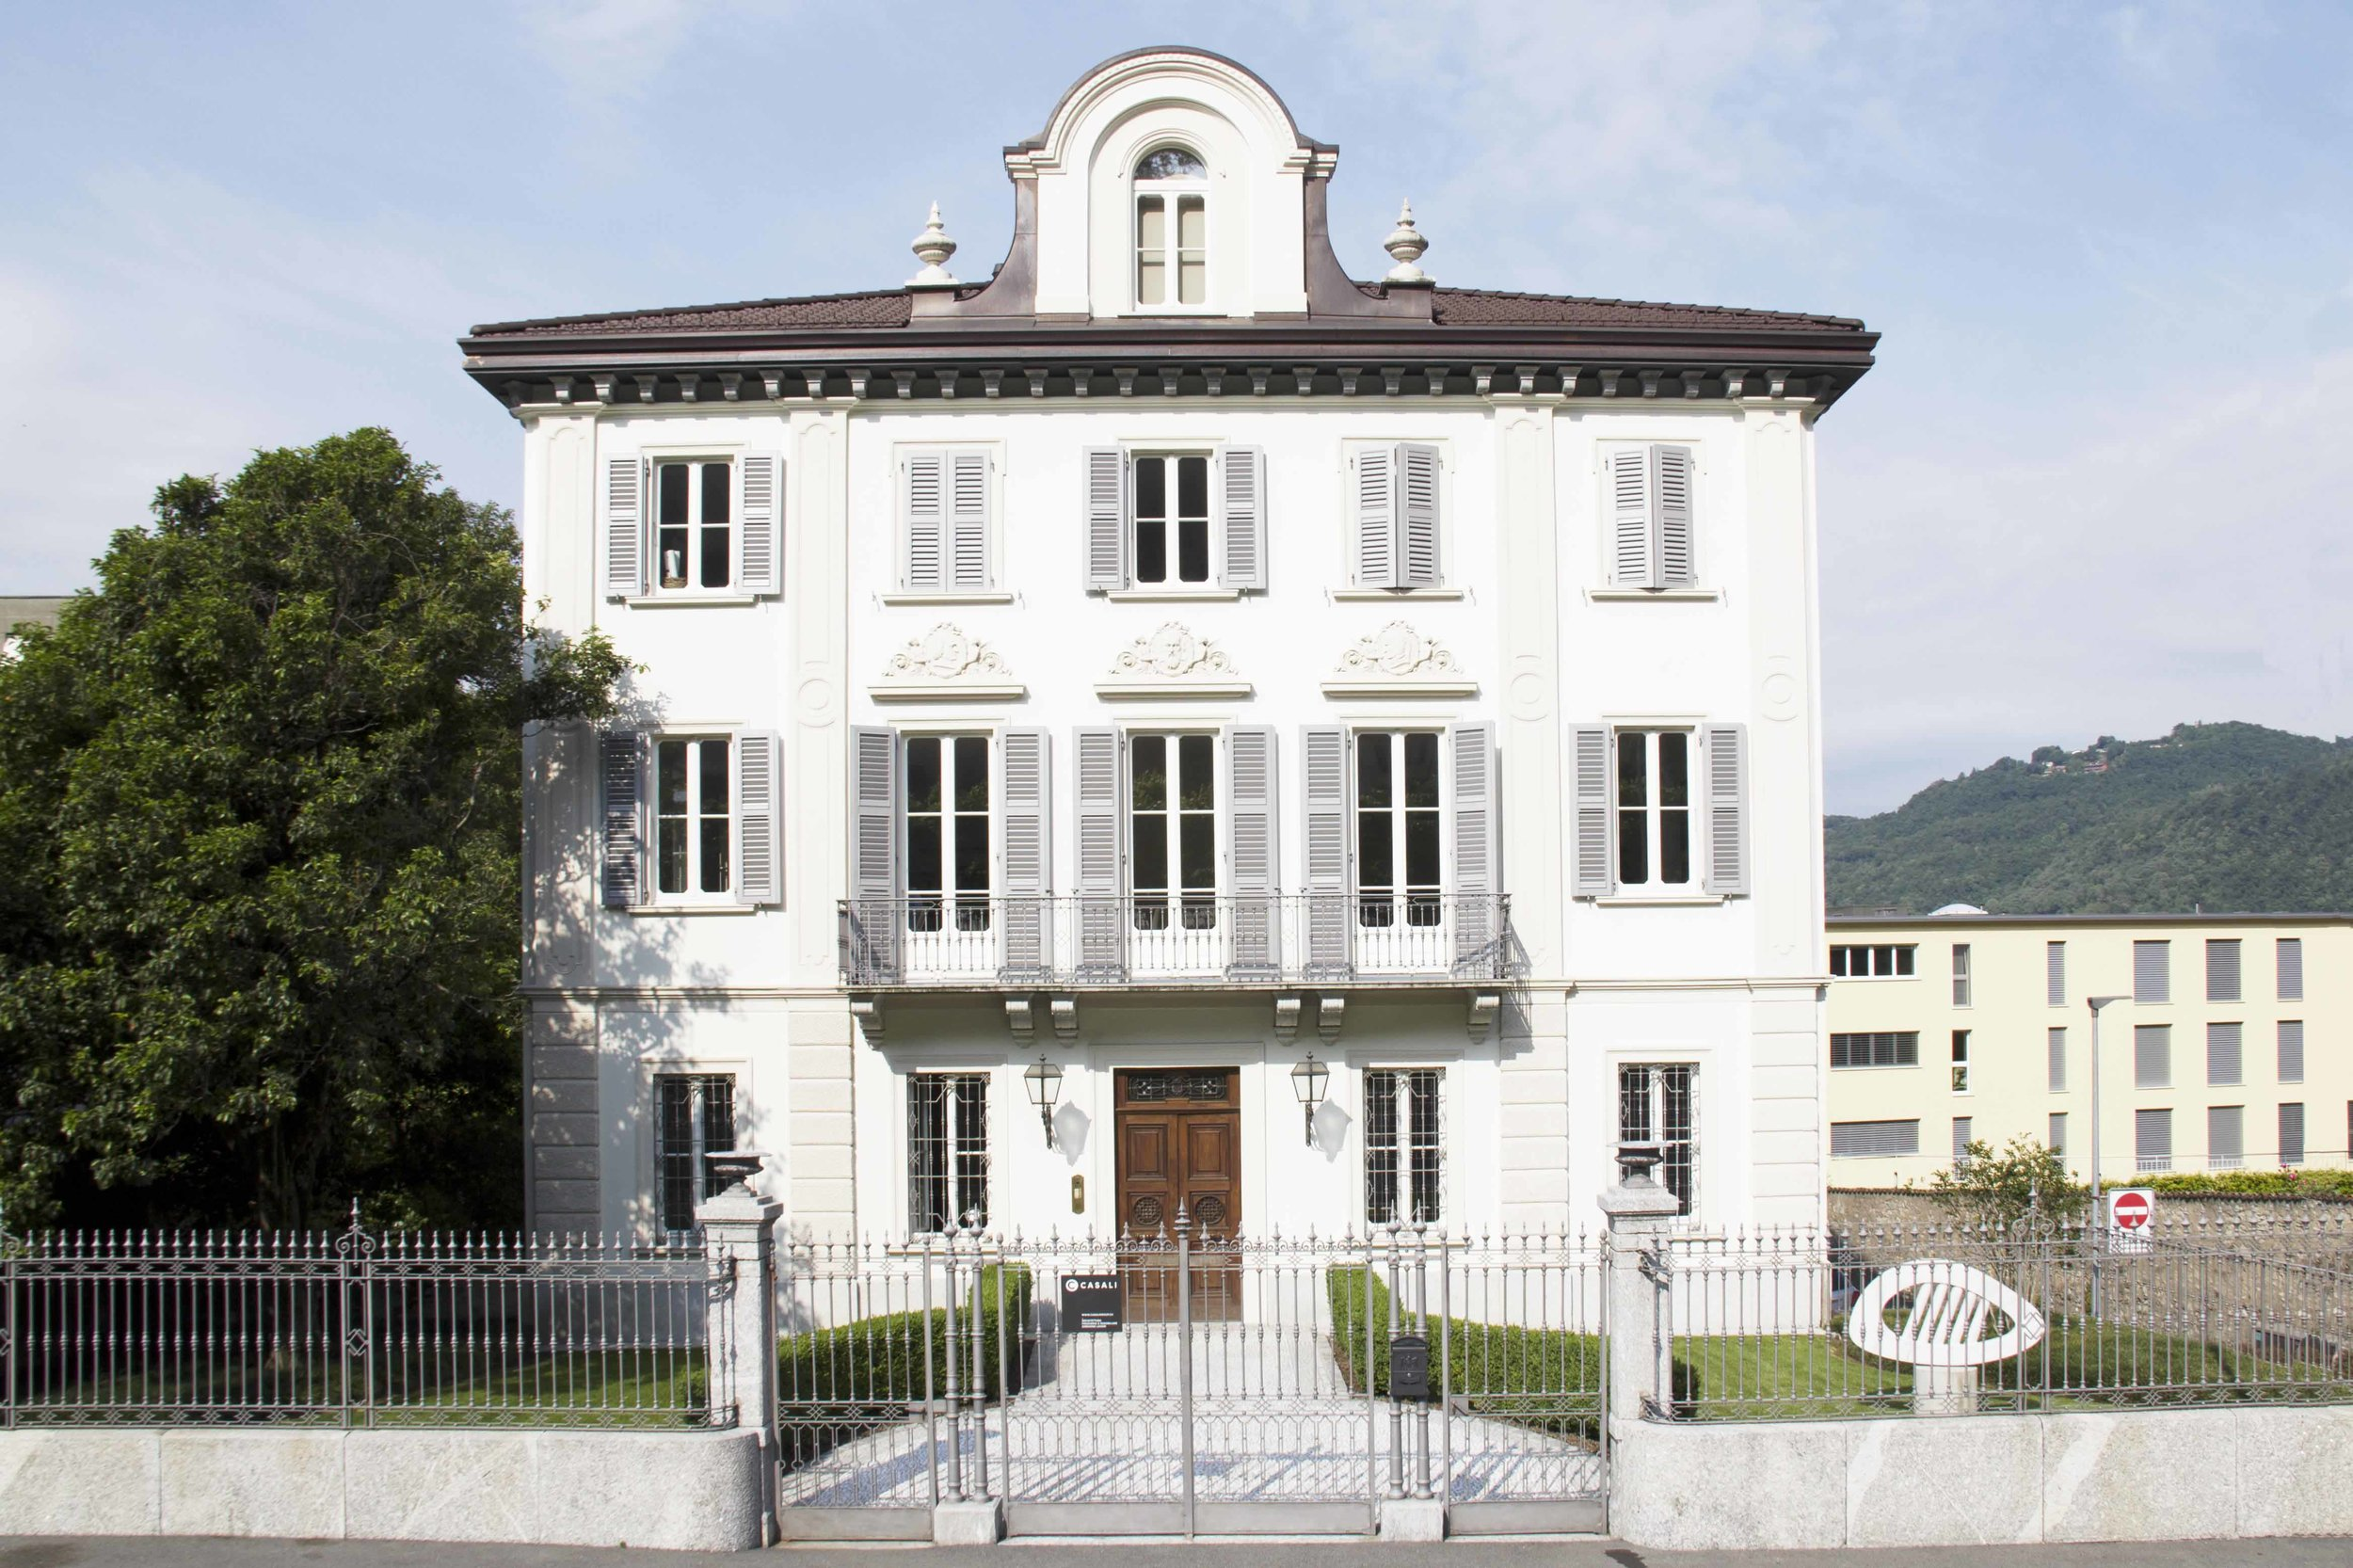 Villa MAR - MENDRISIO